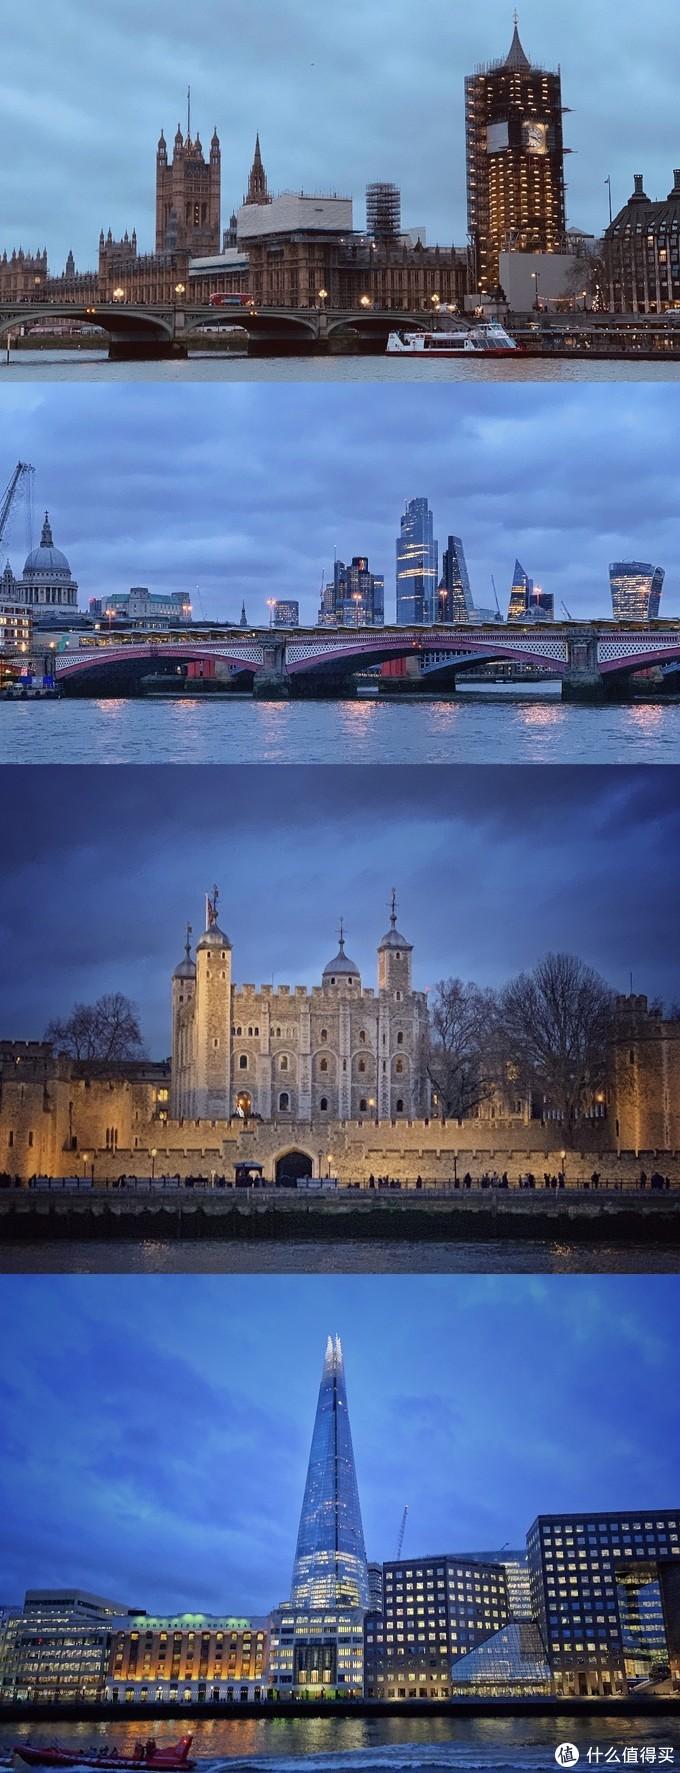 实用又做作的游记   在英国过圣诞和元旦是一种什么感受(下)一起赏烟花逛集市看歌剧鸭